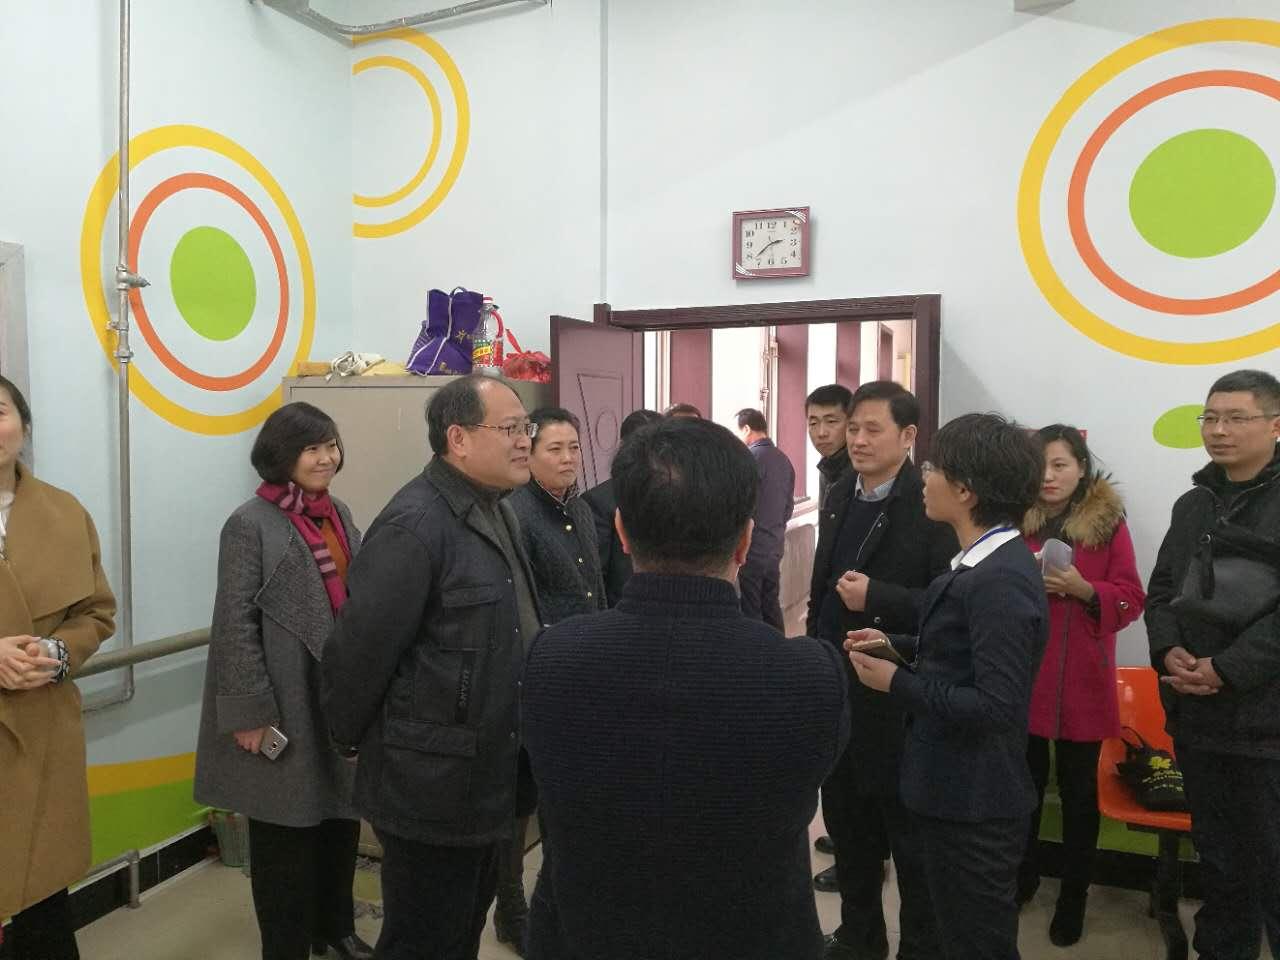 市委组织部、市民政局、市财政局等组成联合工作组到辽阳市参观学习城市社区建设工作